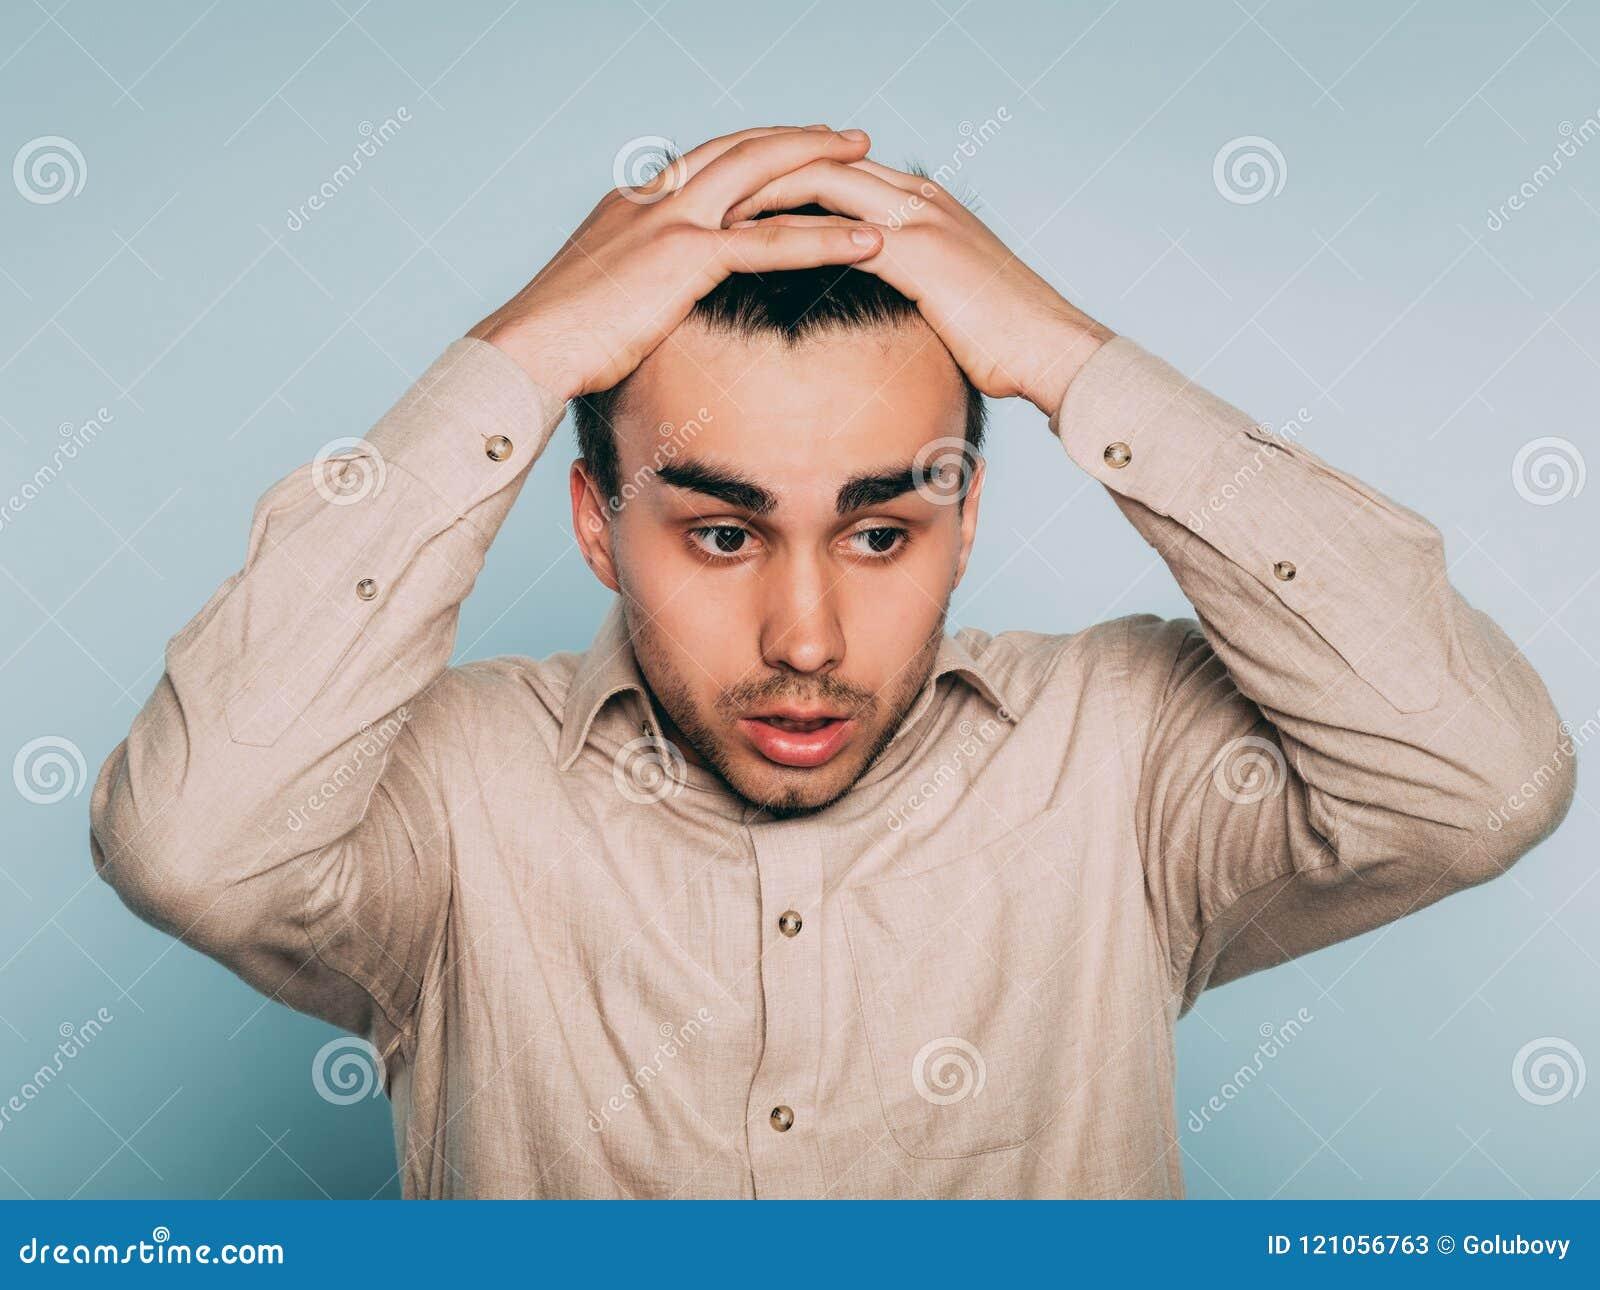 Emoción asustada asustada preocupante triste del pelo del tirón del hombre hacia fuera